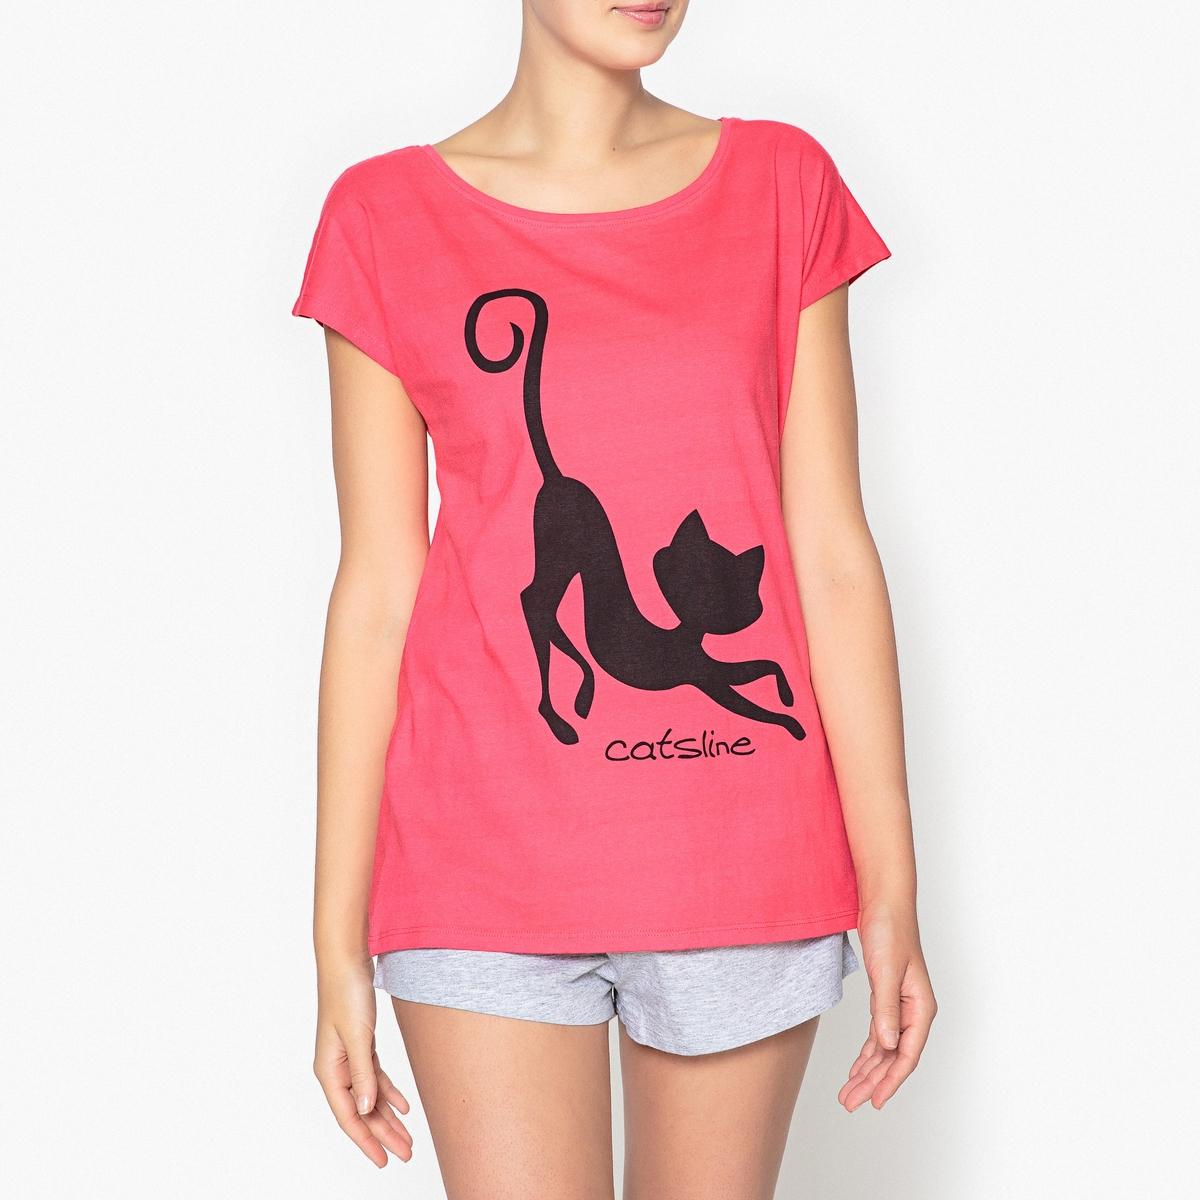 Пижама с шортами и рисунком, Catsline